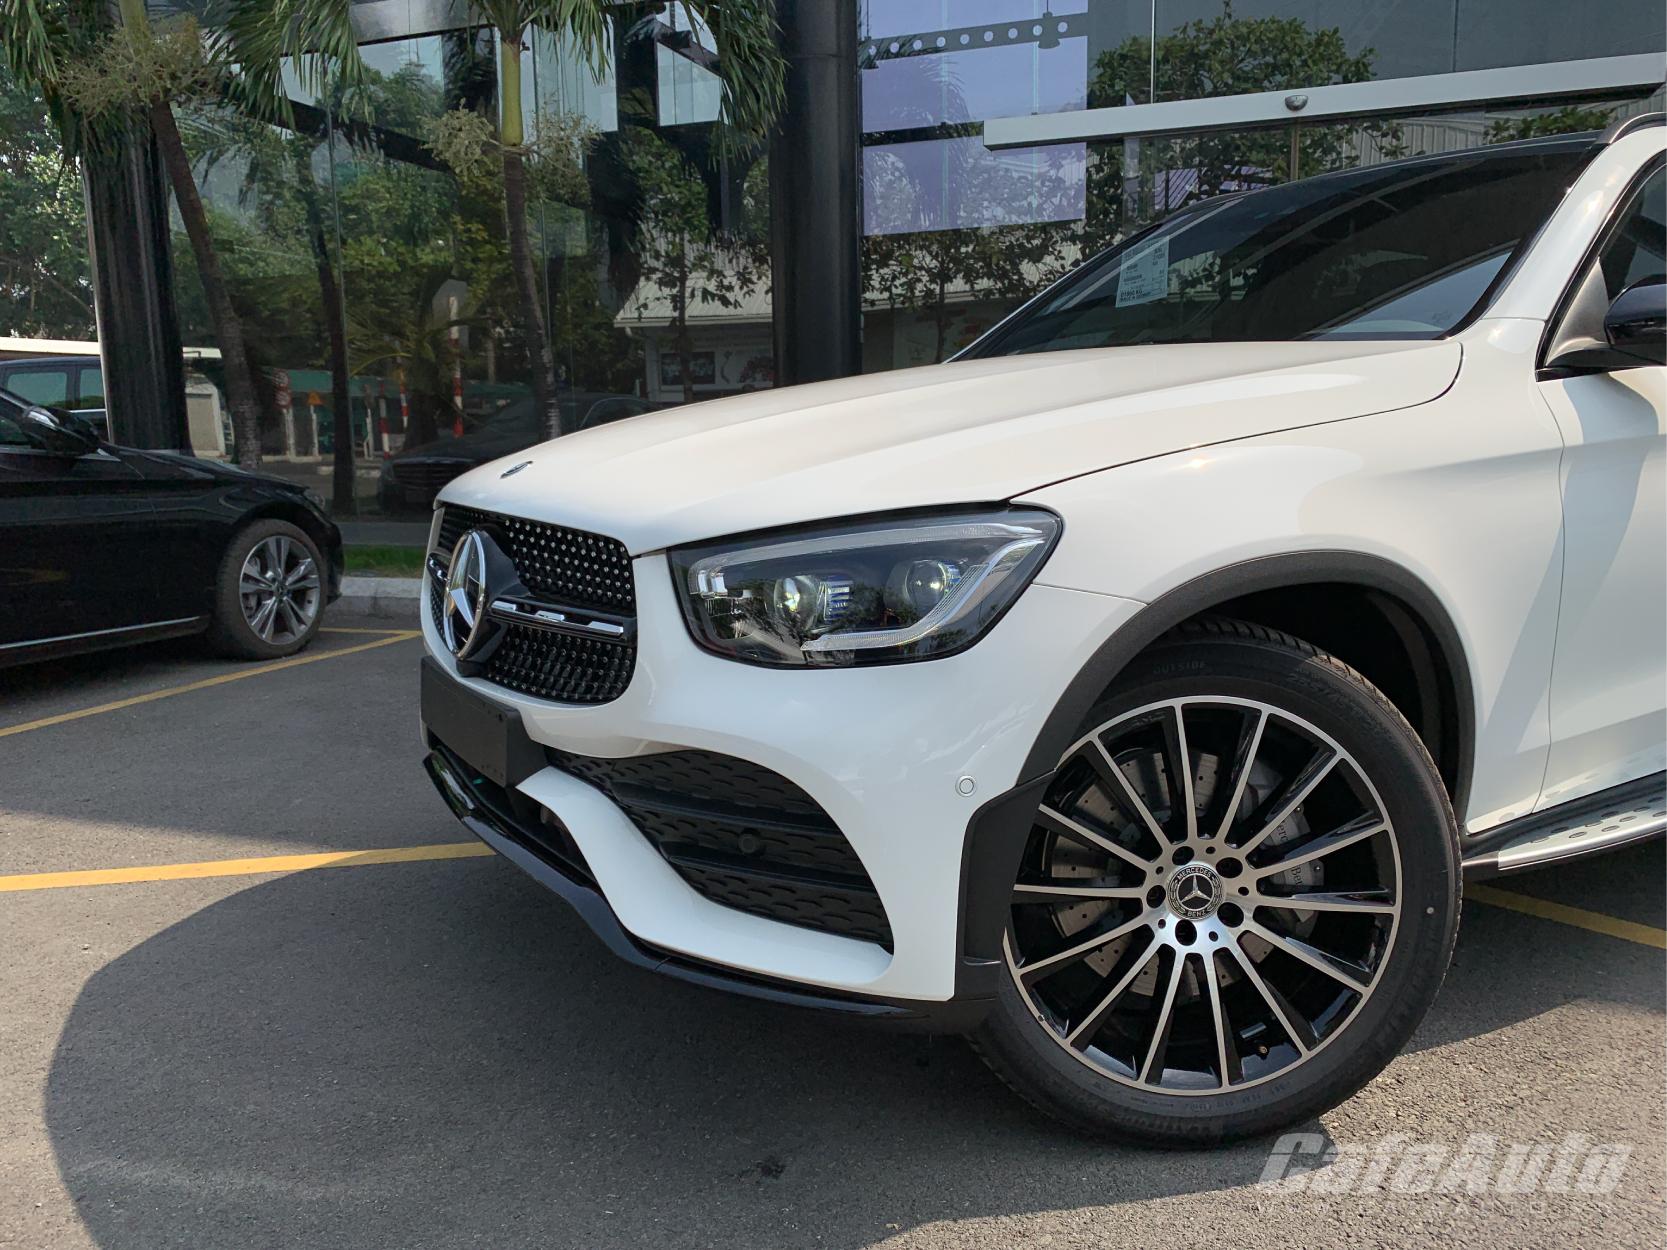 cham-mat-thuc-te-mercedes-benz-glc-300-2020-tai-viet-nam